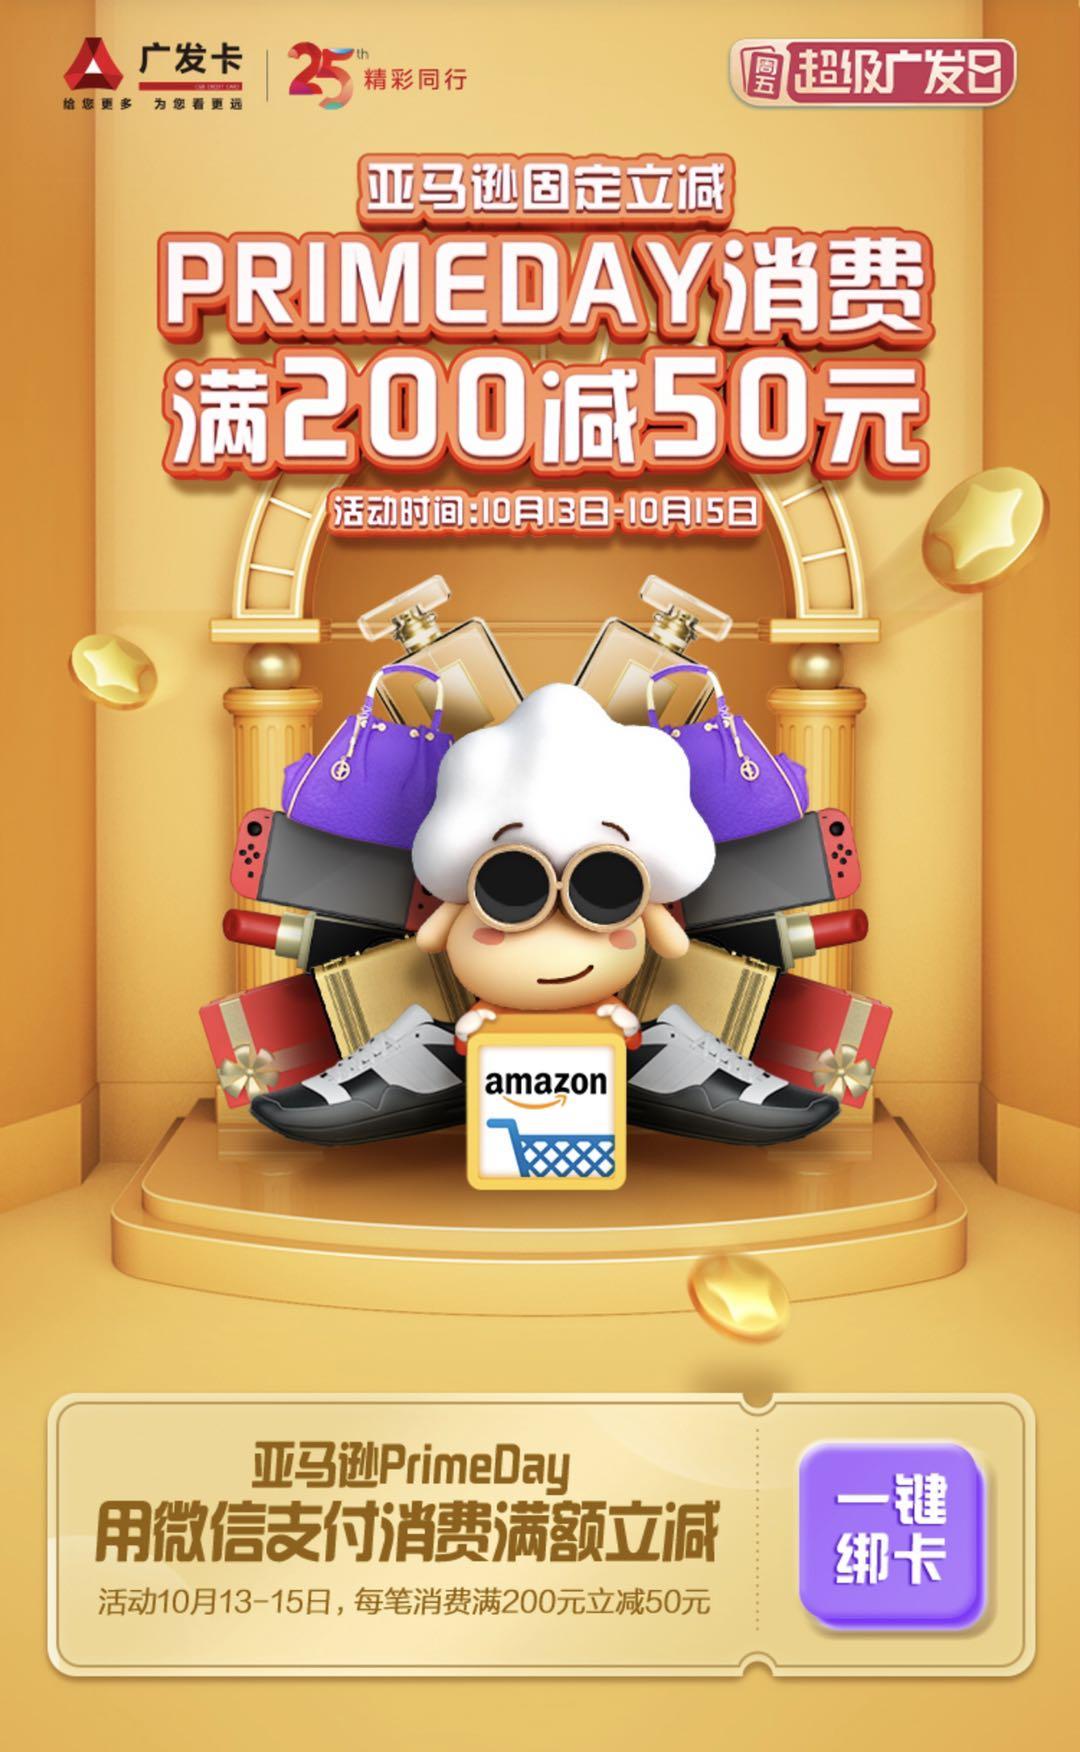 广发信用卡官网_广发银行信用卡亚马逊满200-50元 | 真人范儿-羊毛优惠